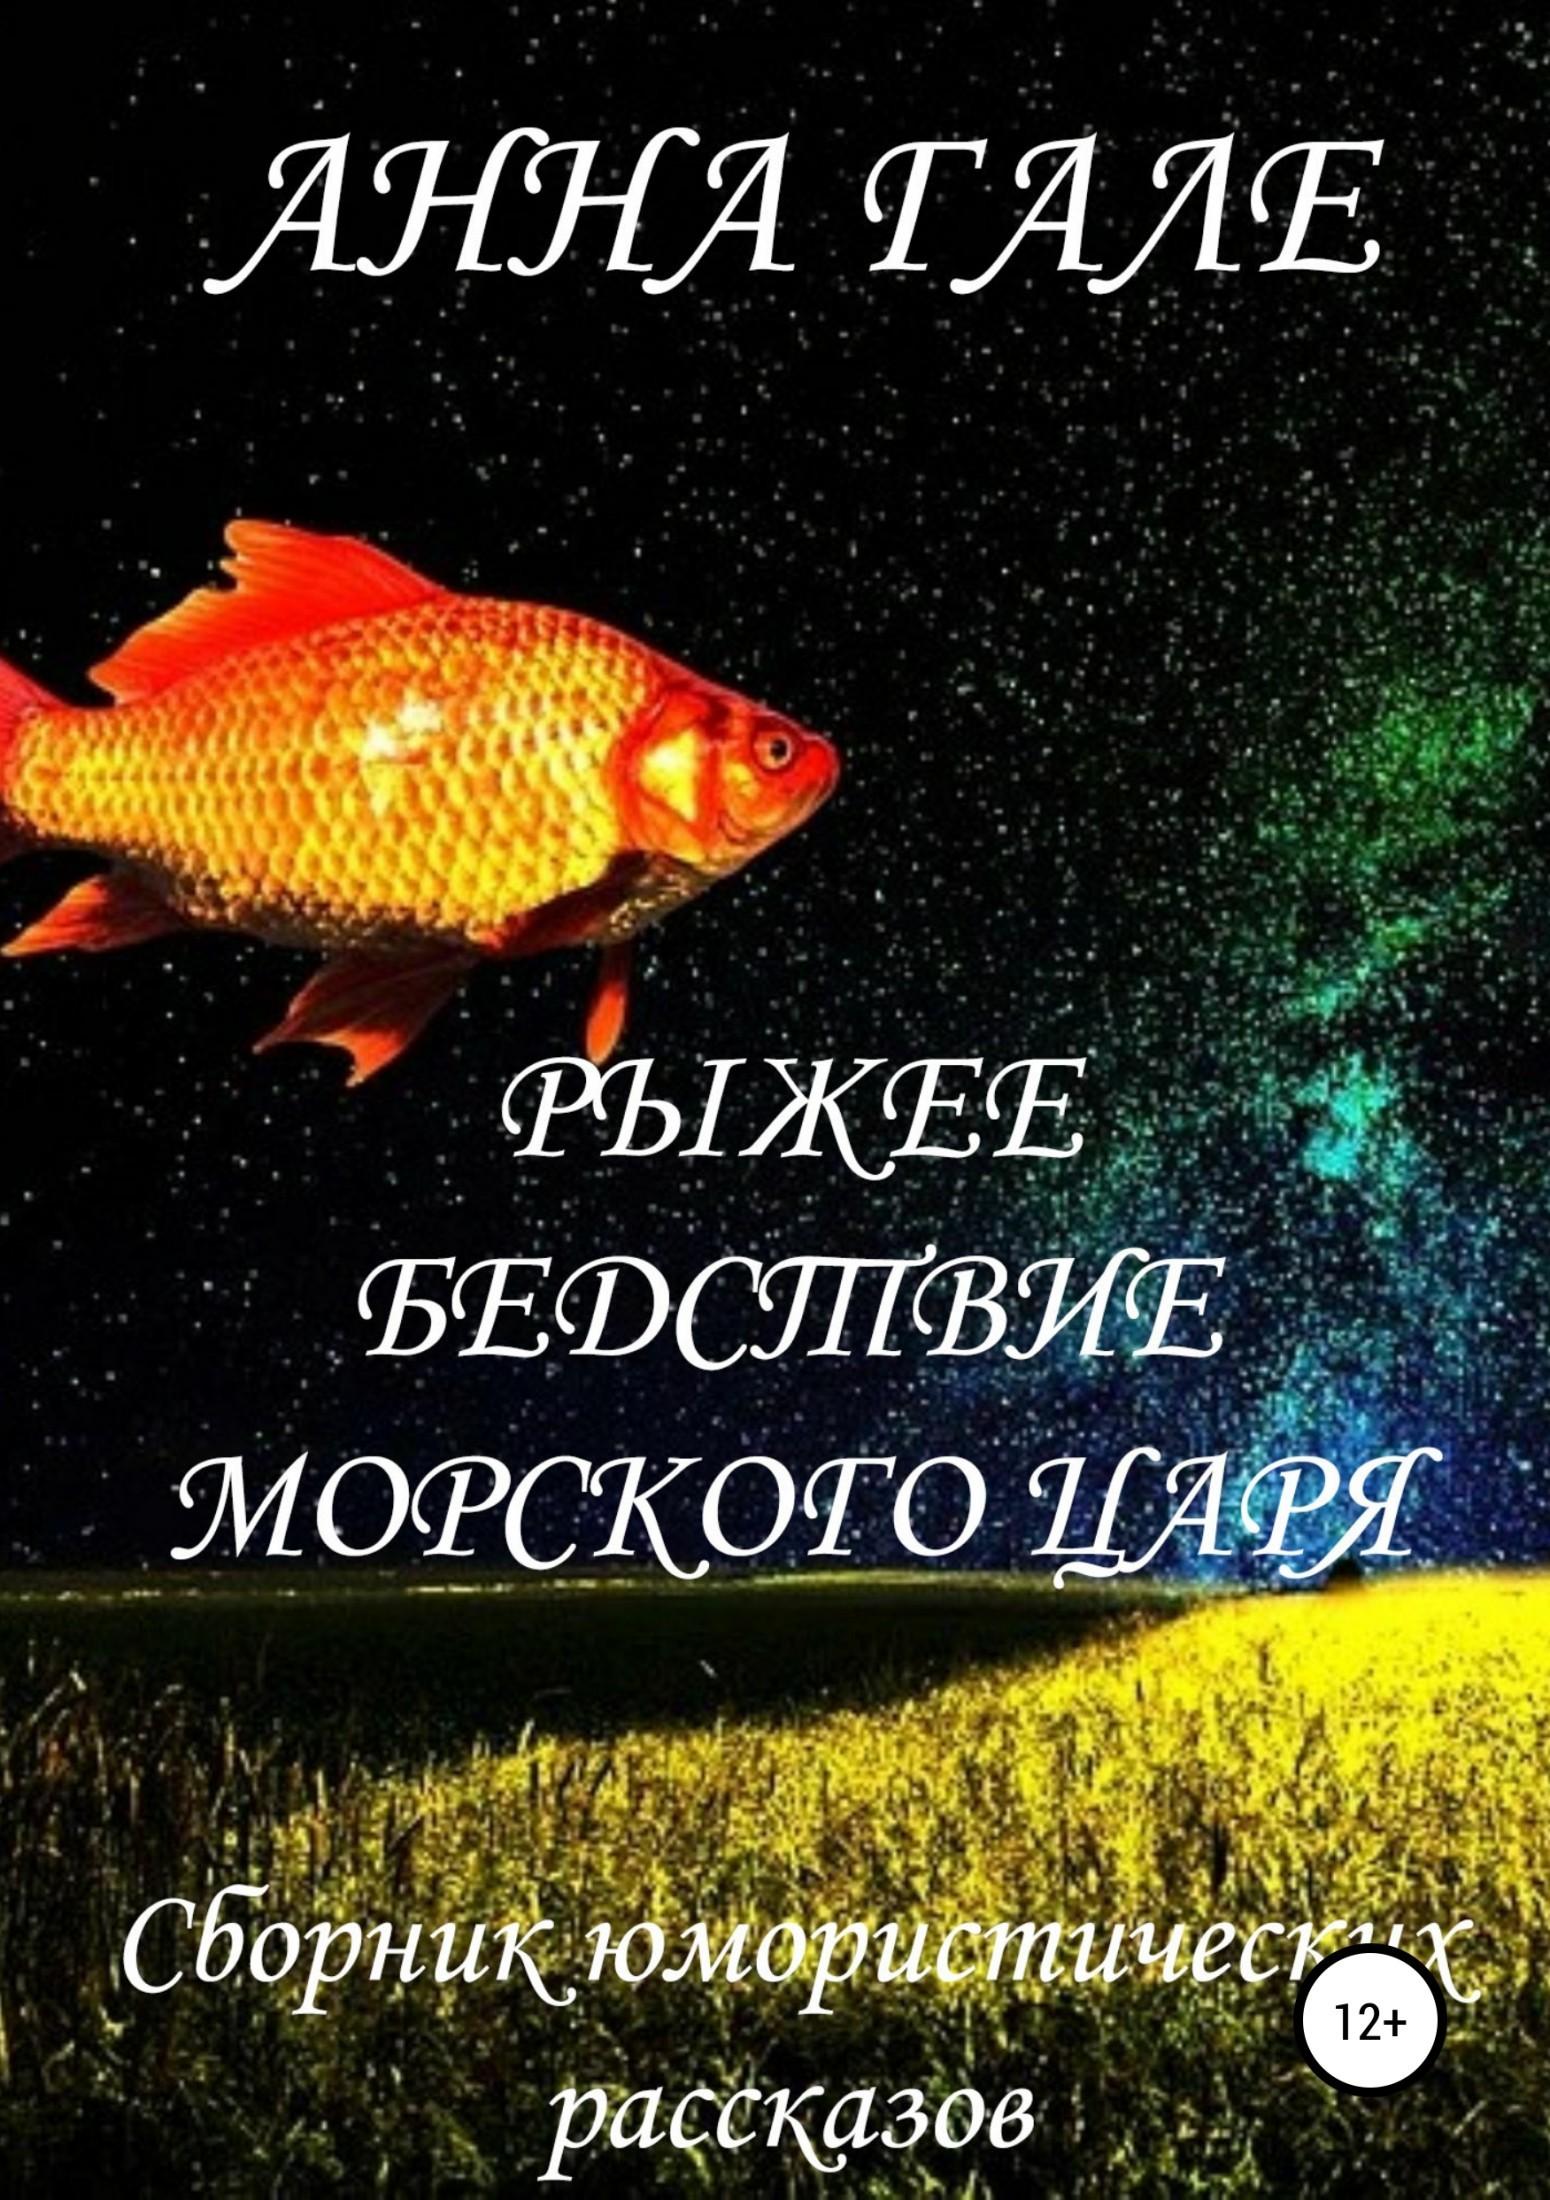 Анна Гале Рыжее бедствие морского царя